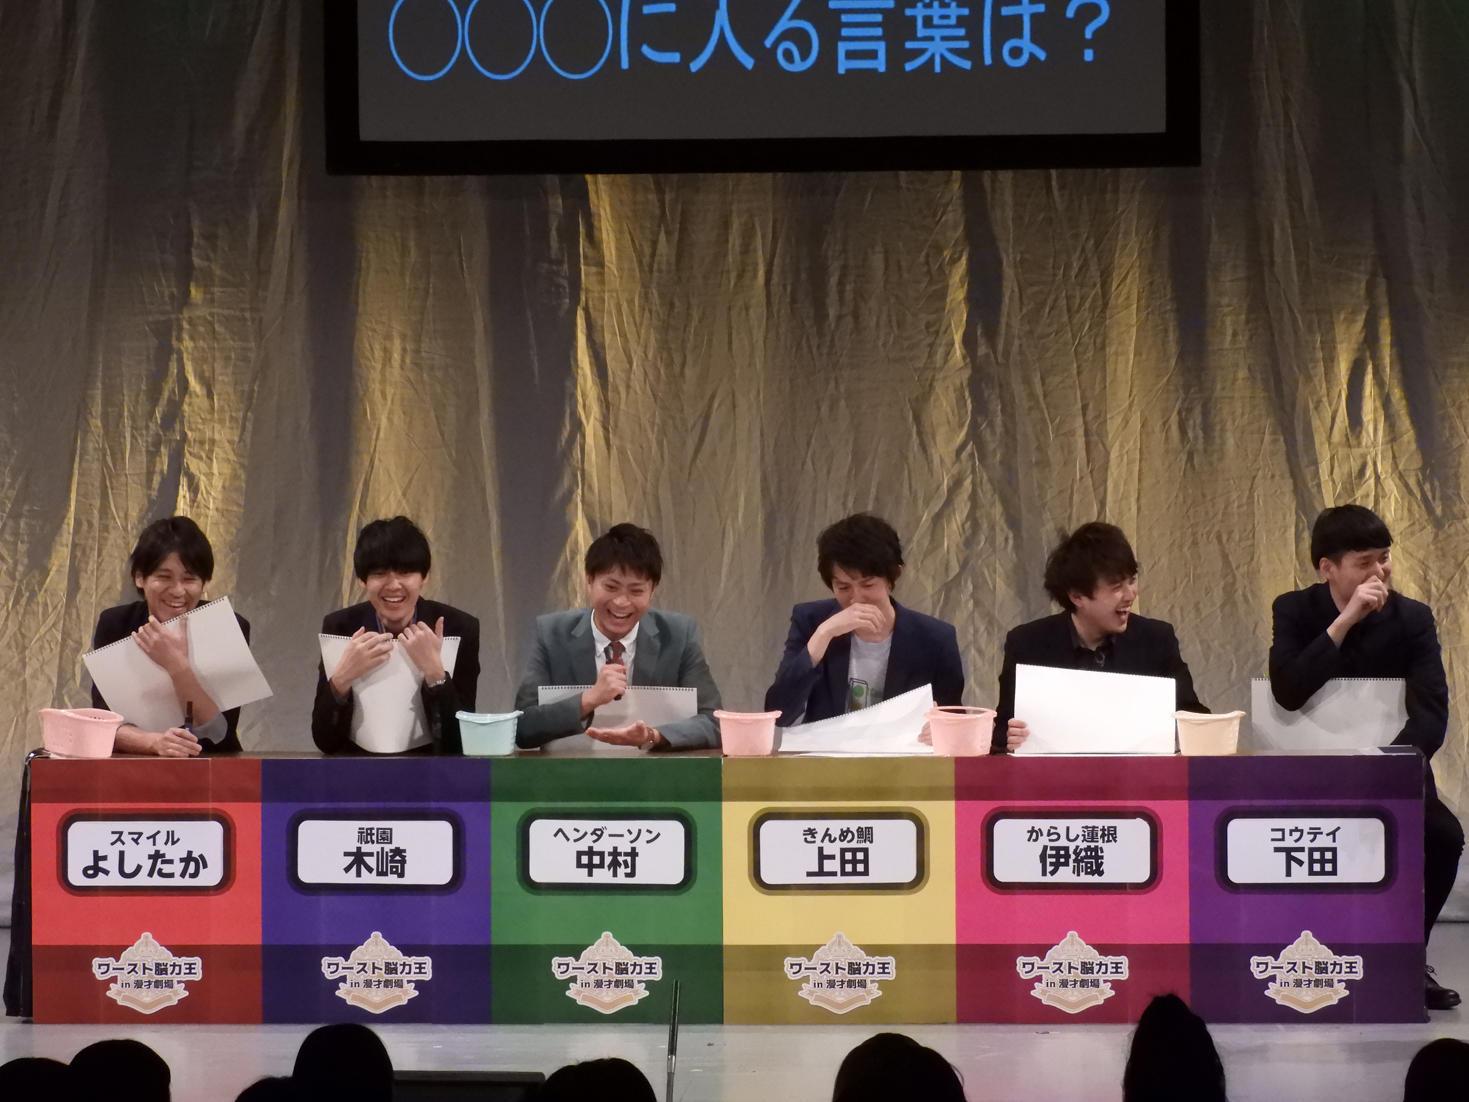 http://news.yoshimoto.co.jp/20180406112249-3769d1b778487b77c7de15a6666fc60d92de8f10.jpg